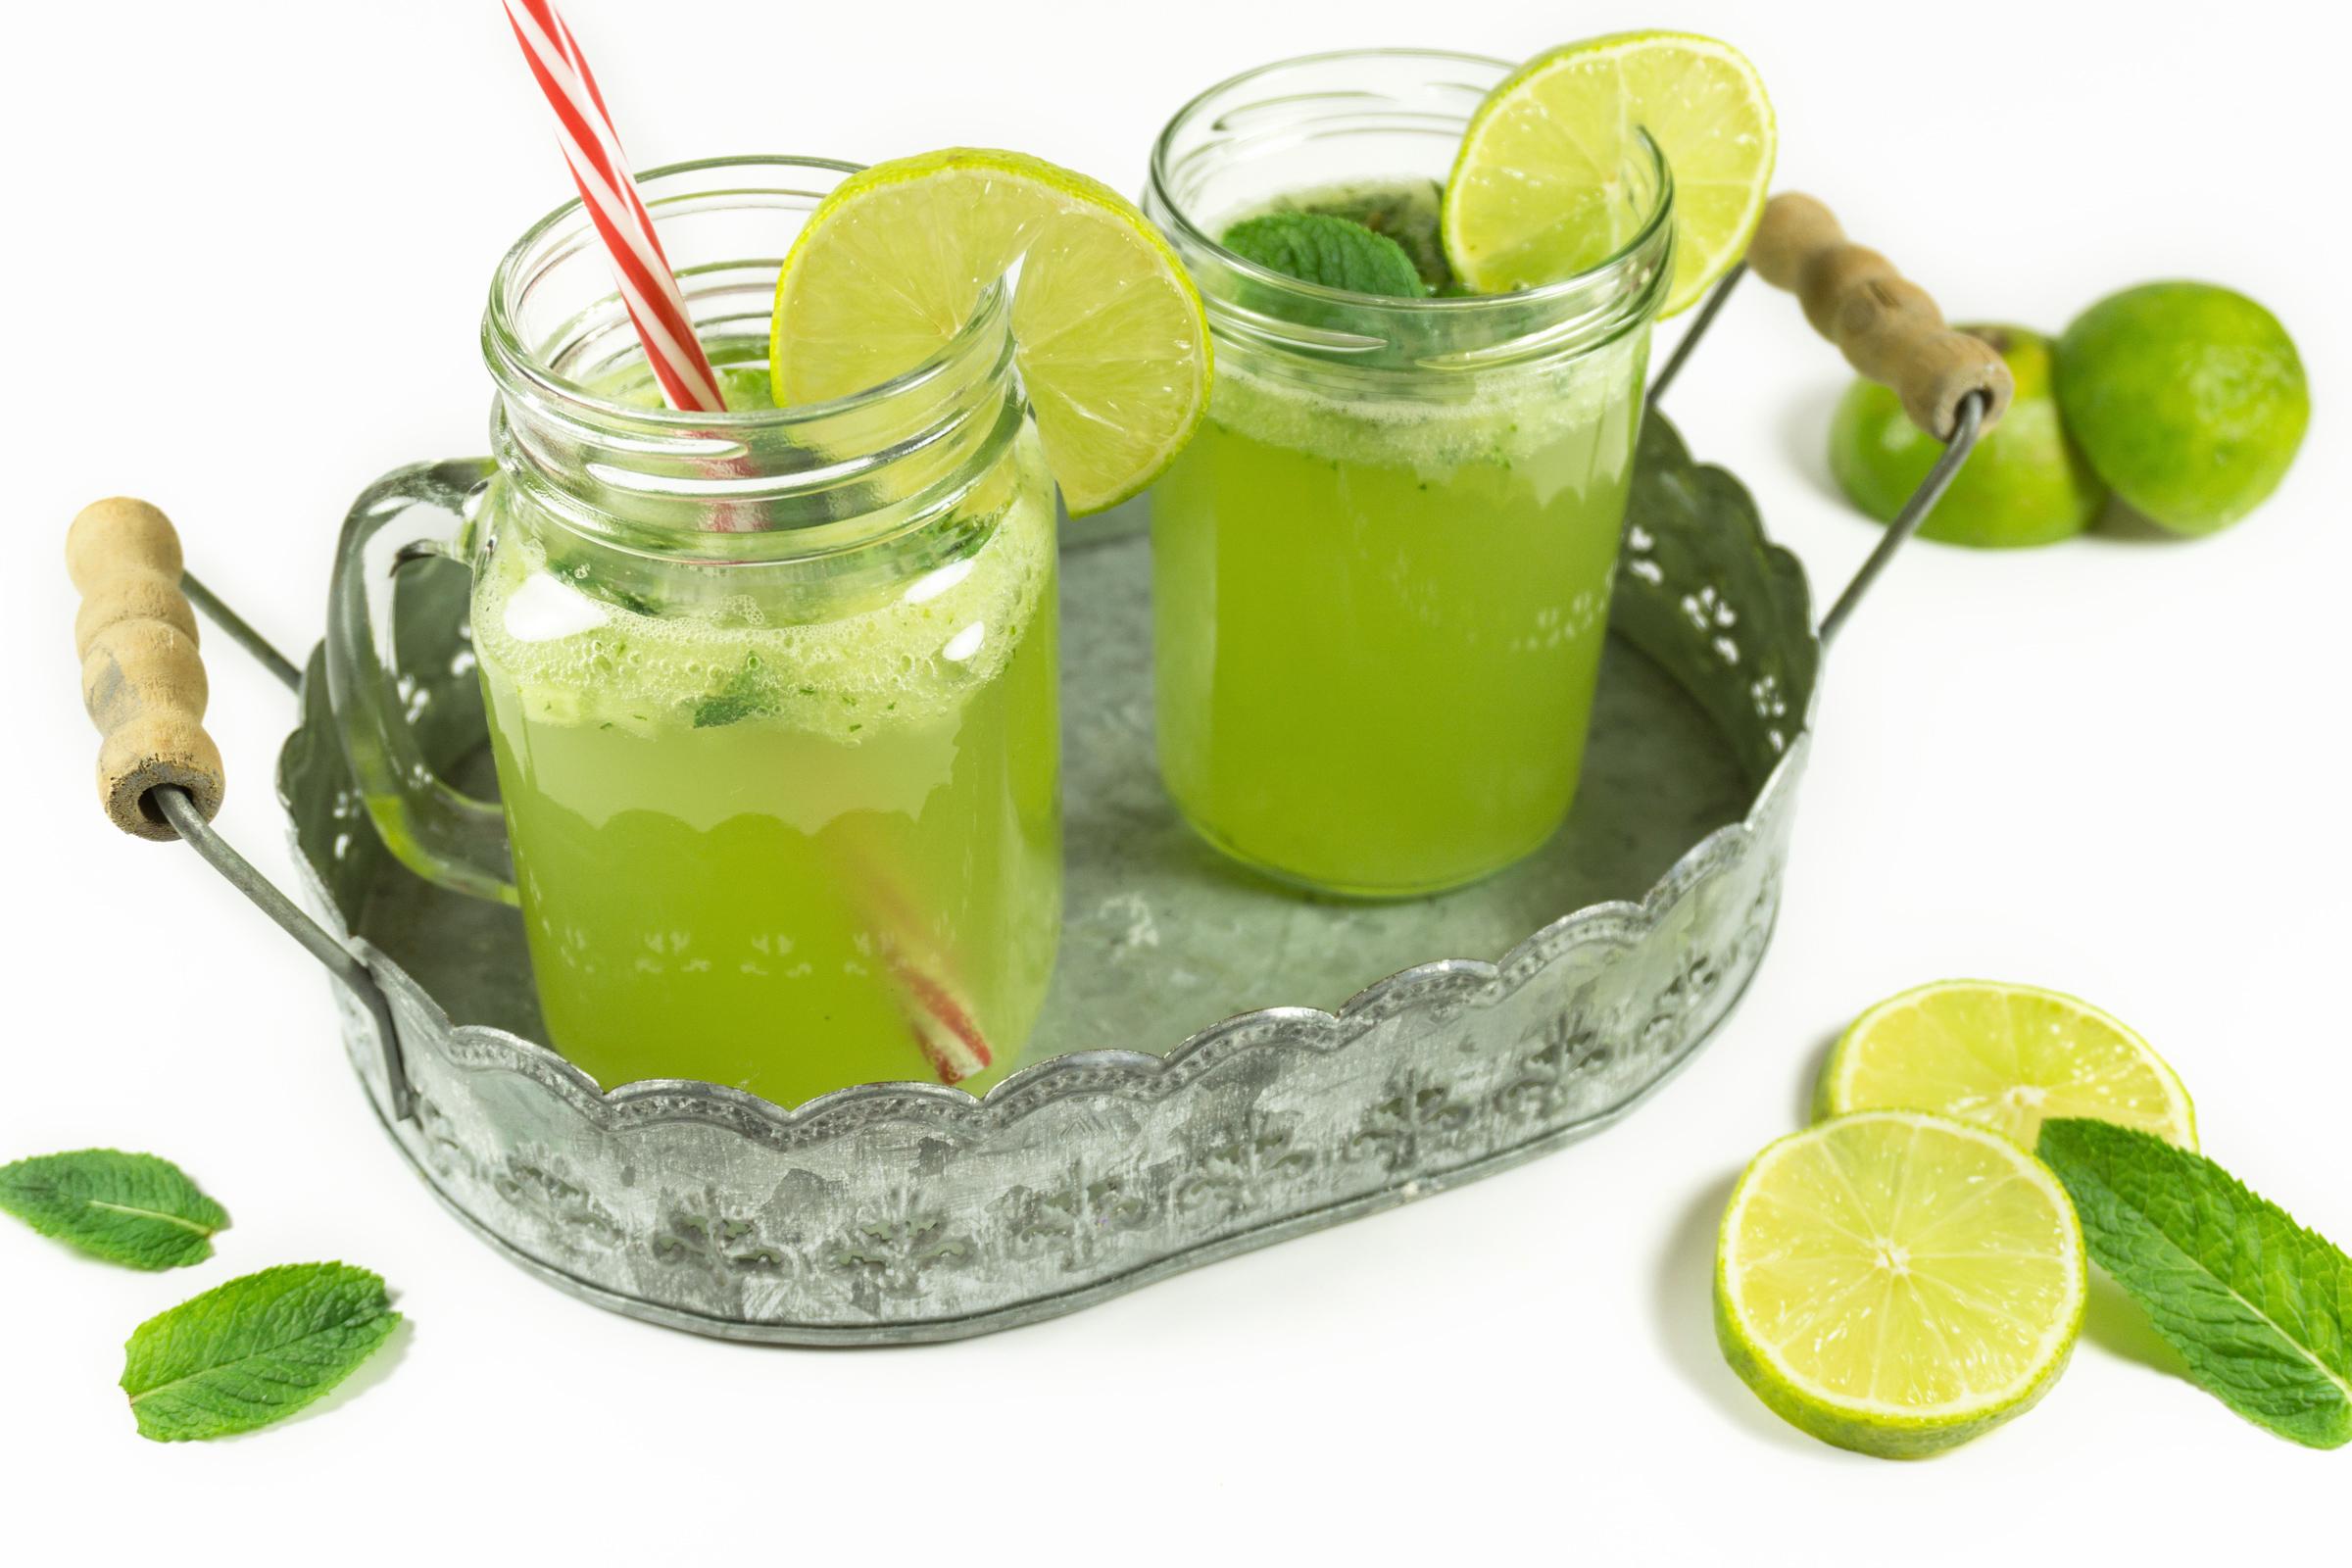 selbstgemachte gurken limetten limonade eine portion gl ck. Black Bedroom Furniture Sets. Home Design Ideas